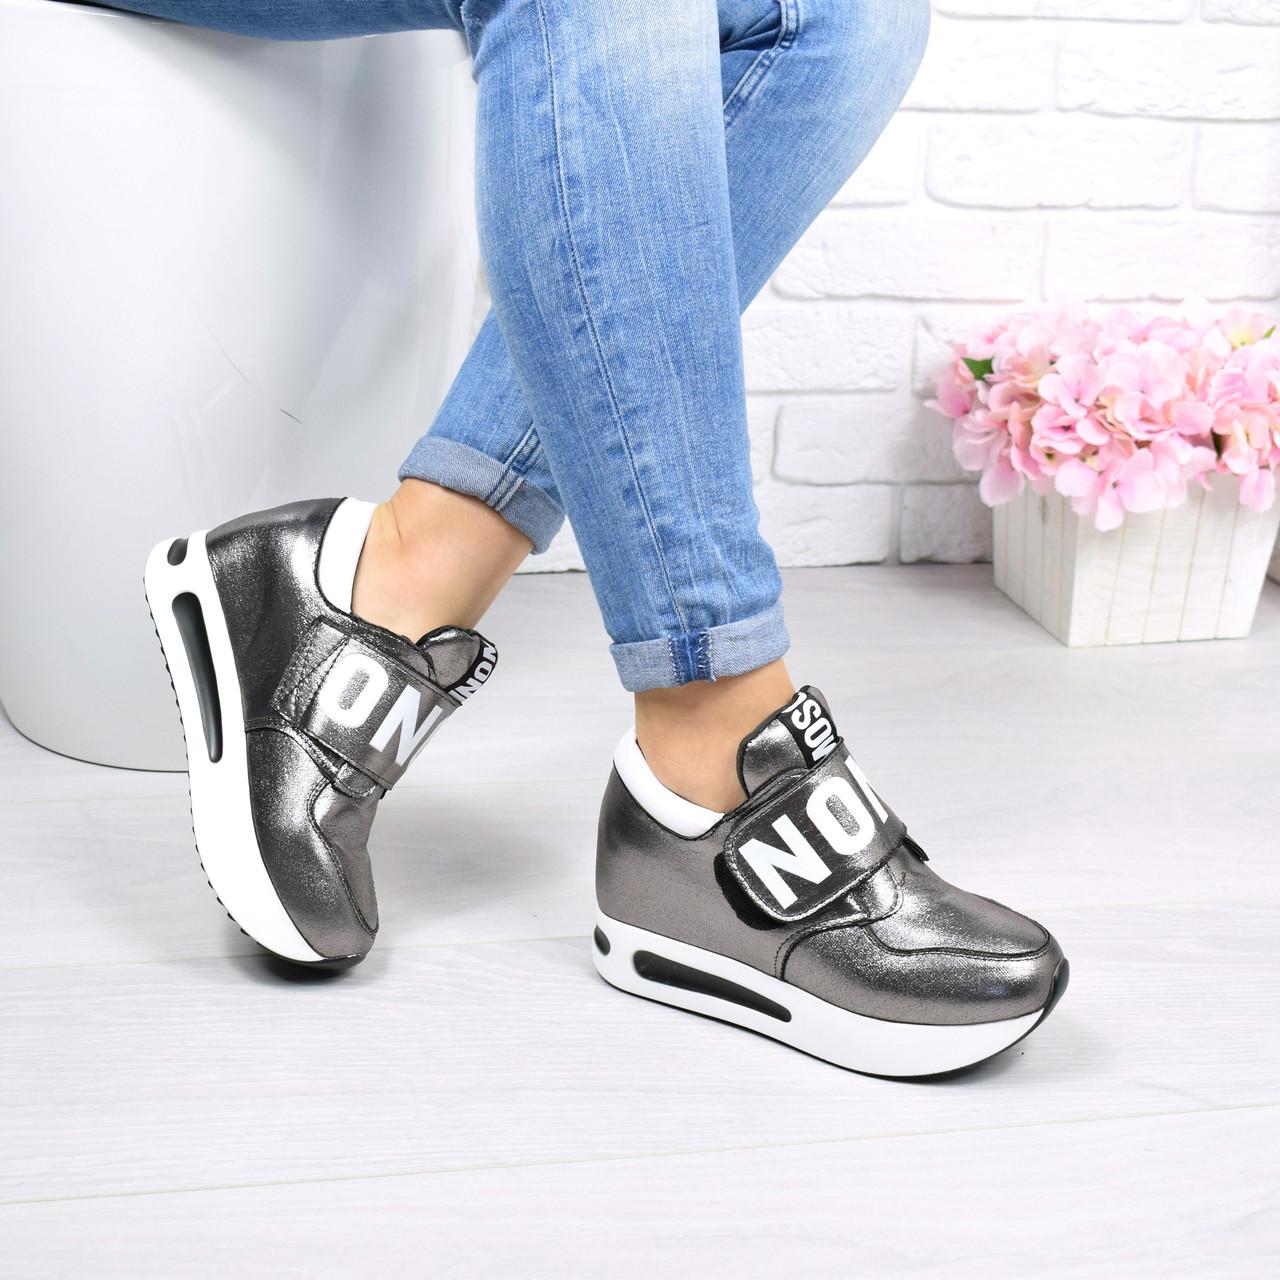 8d9c28d90f7b Кроссовки женские Love липучка графит 4355, спортивная обувь - Интернет- магазин